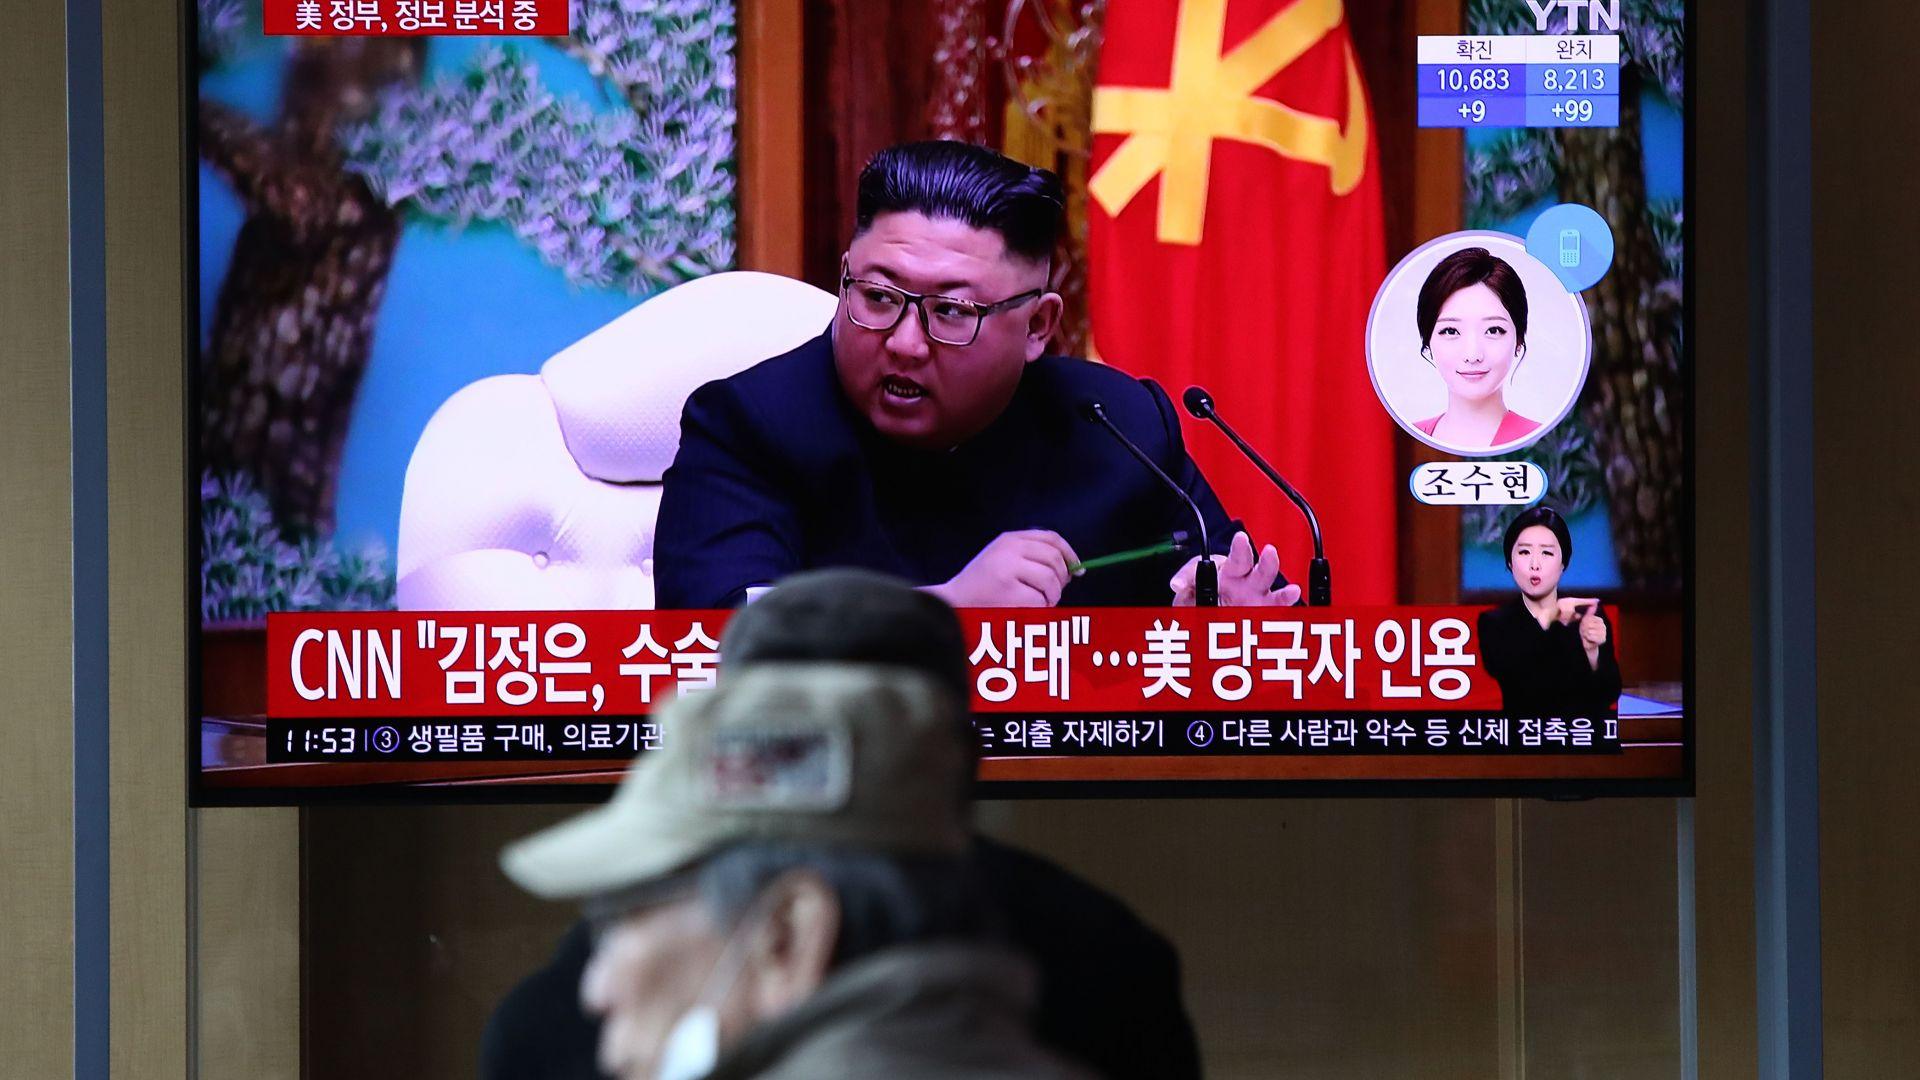 Сателит засякъл влака на Ким Чен-ун във ваканционната му резиденция